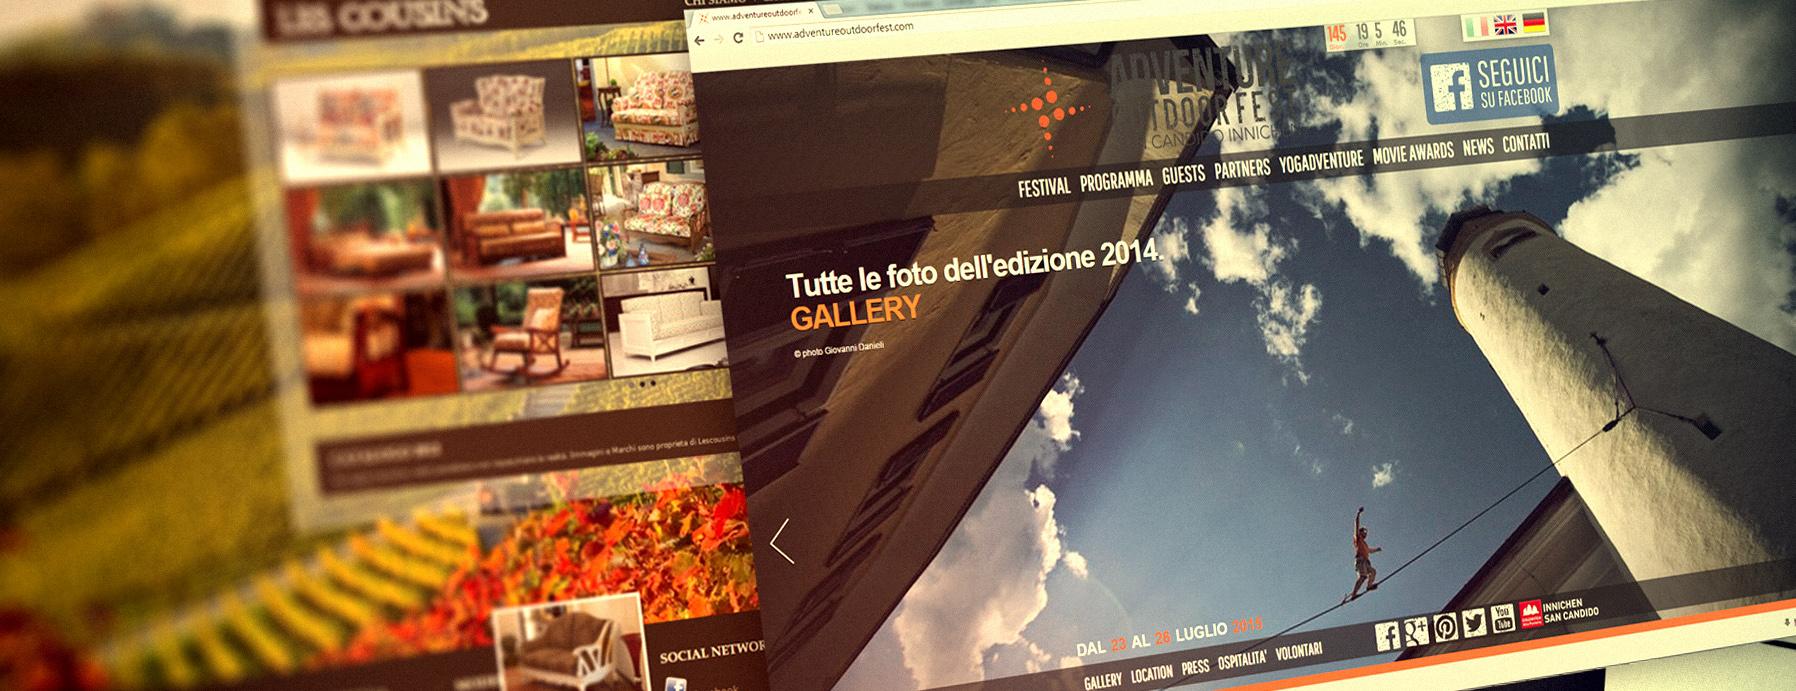 siti web ottimizzati seo responsive layout ottimizzazioni google